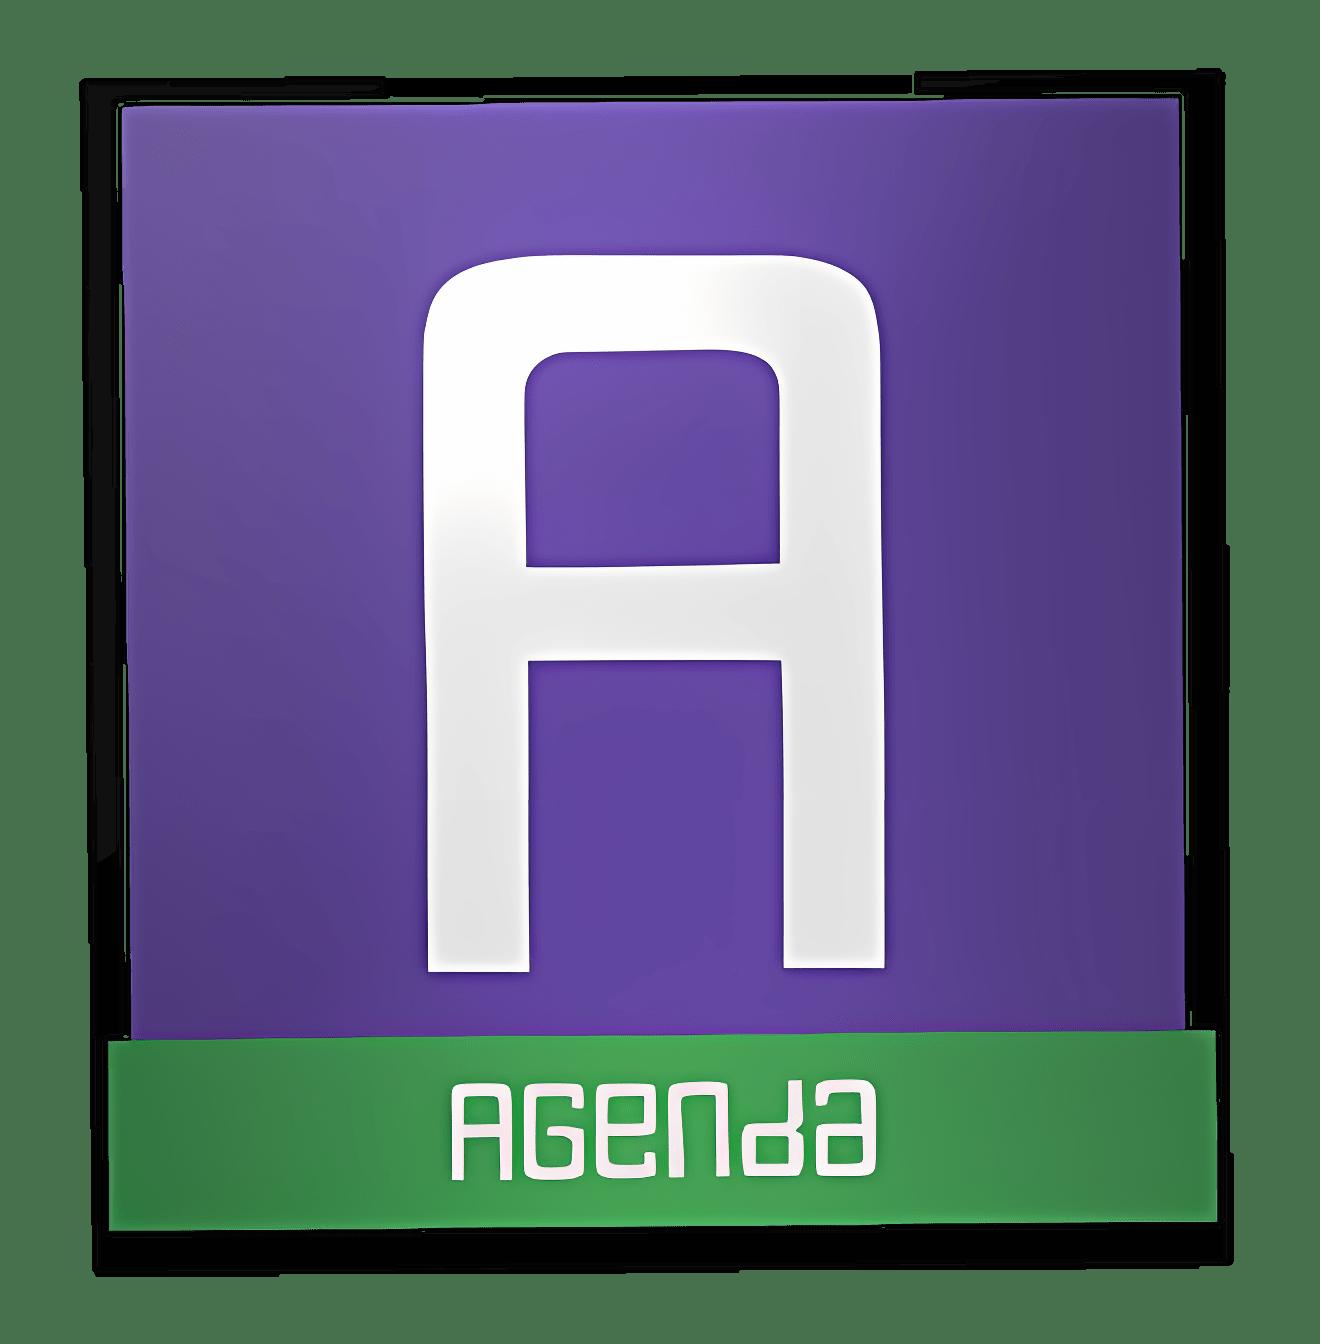 8agenda